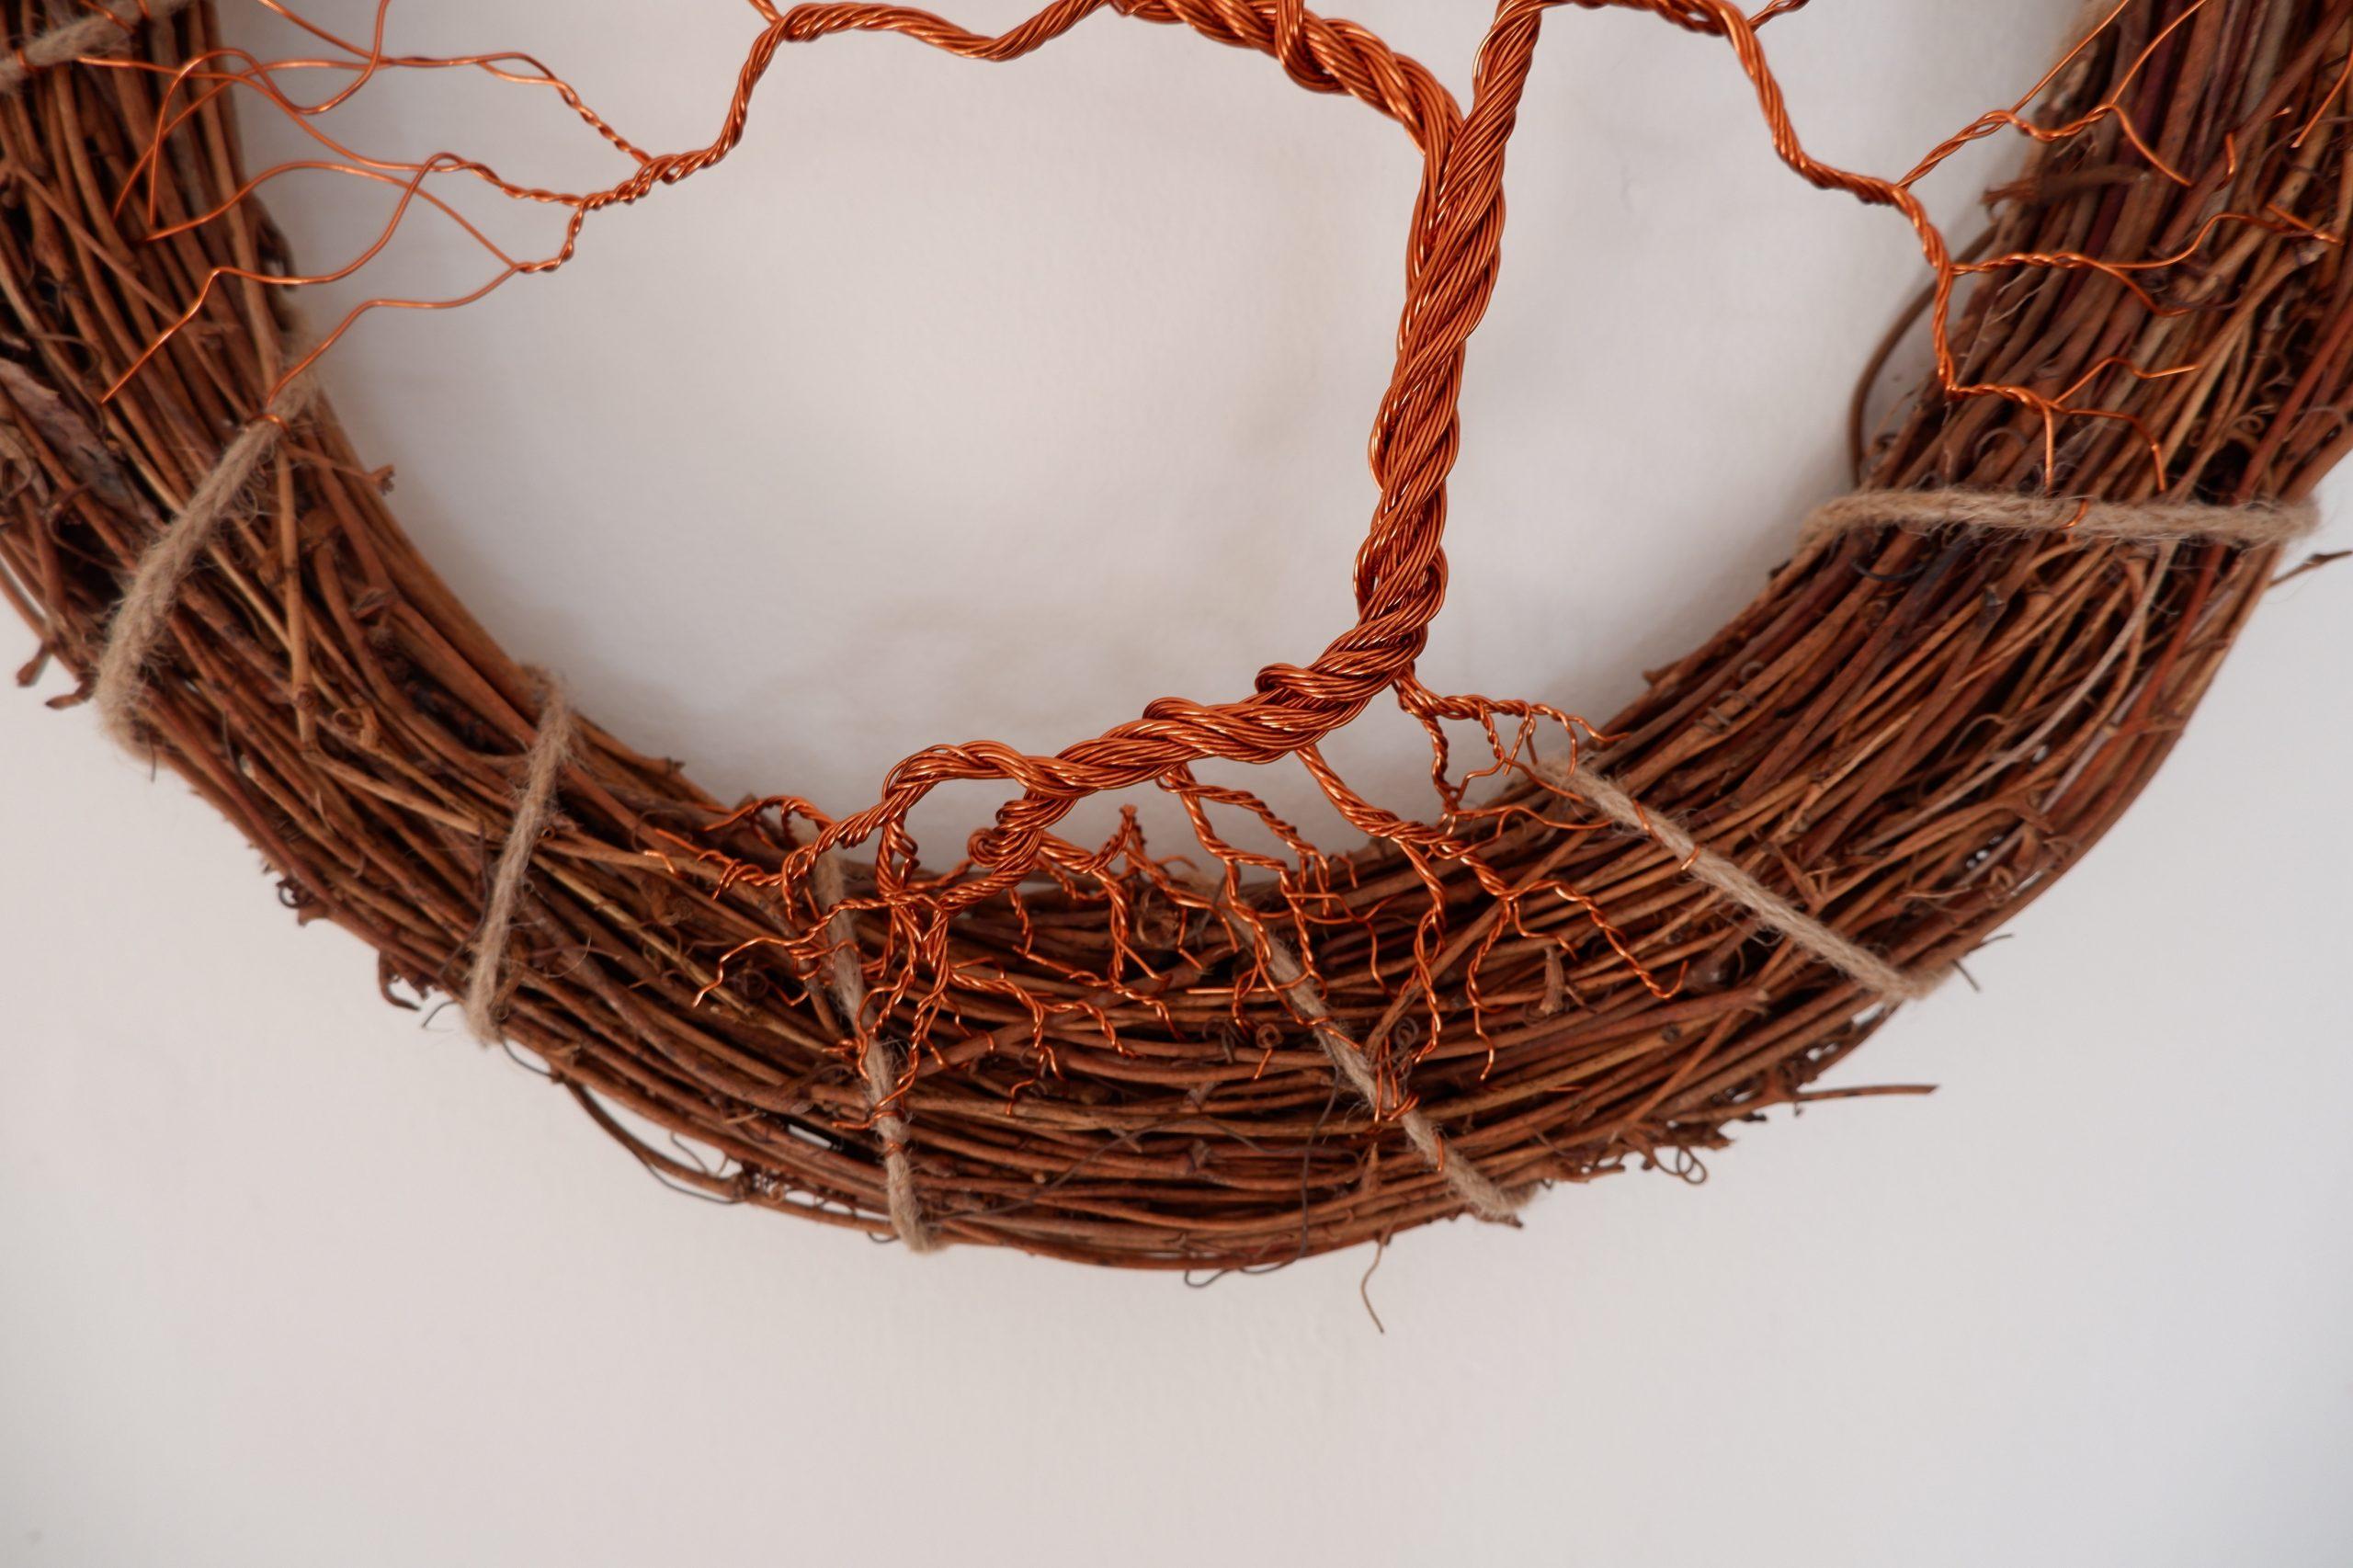 Wreath for door or wall